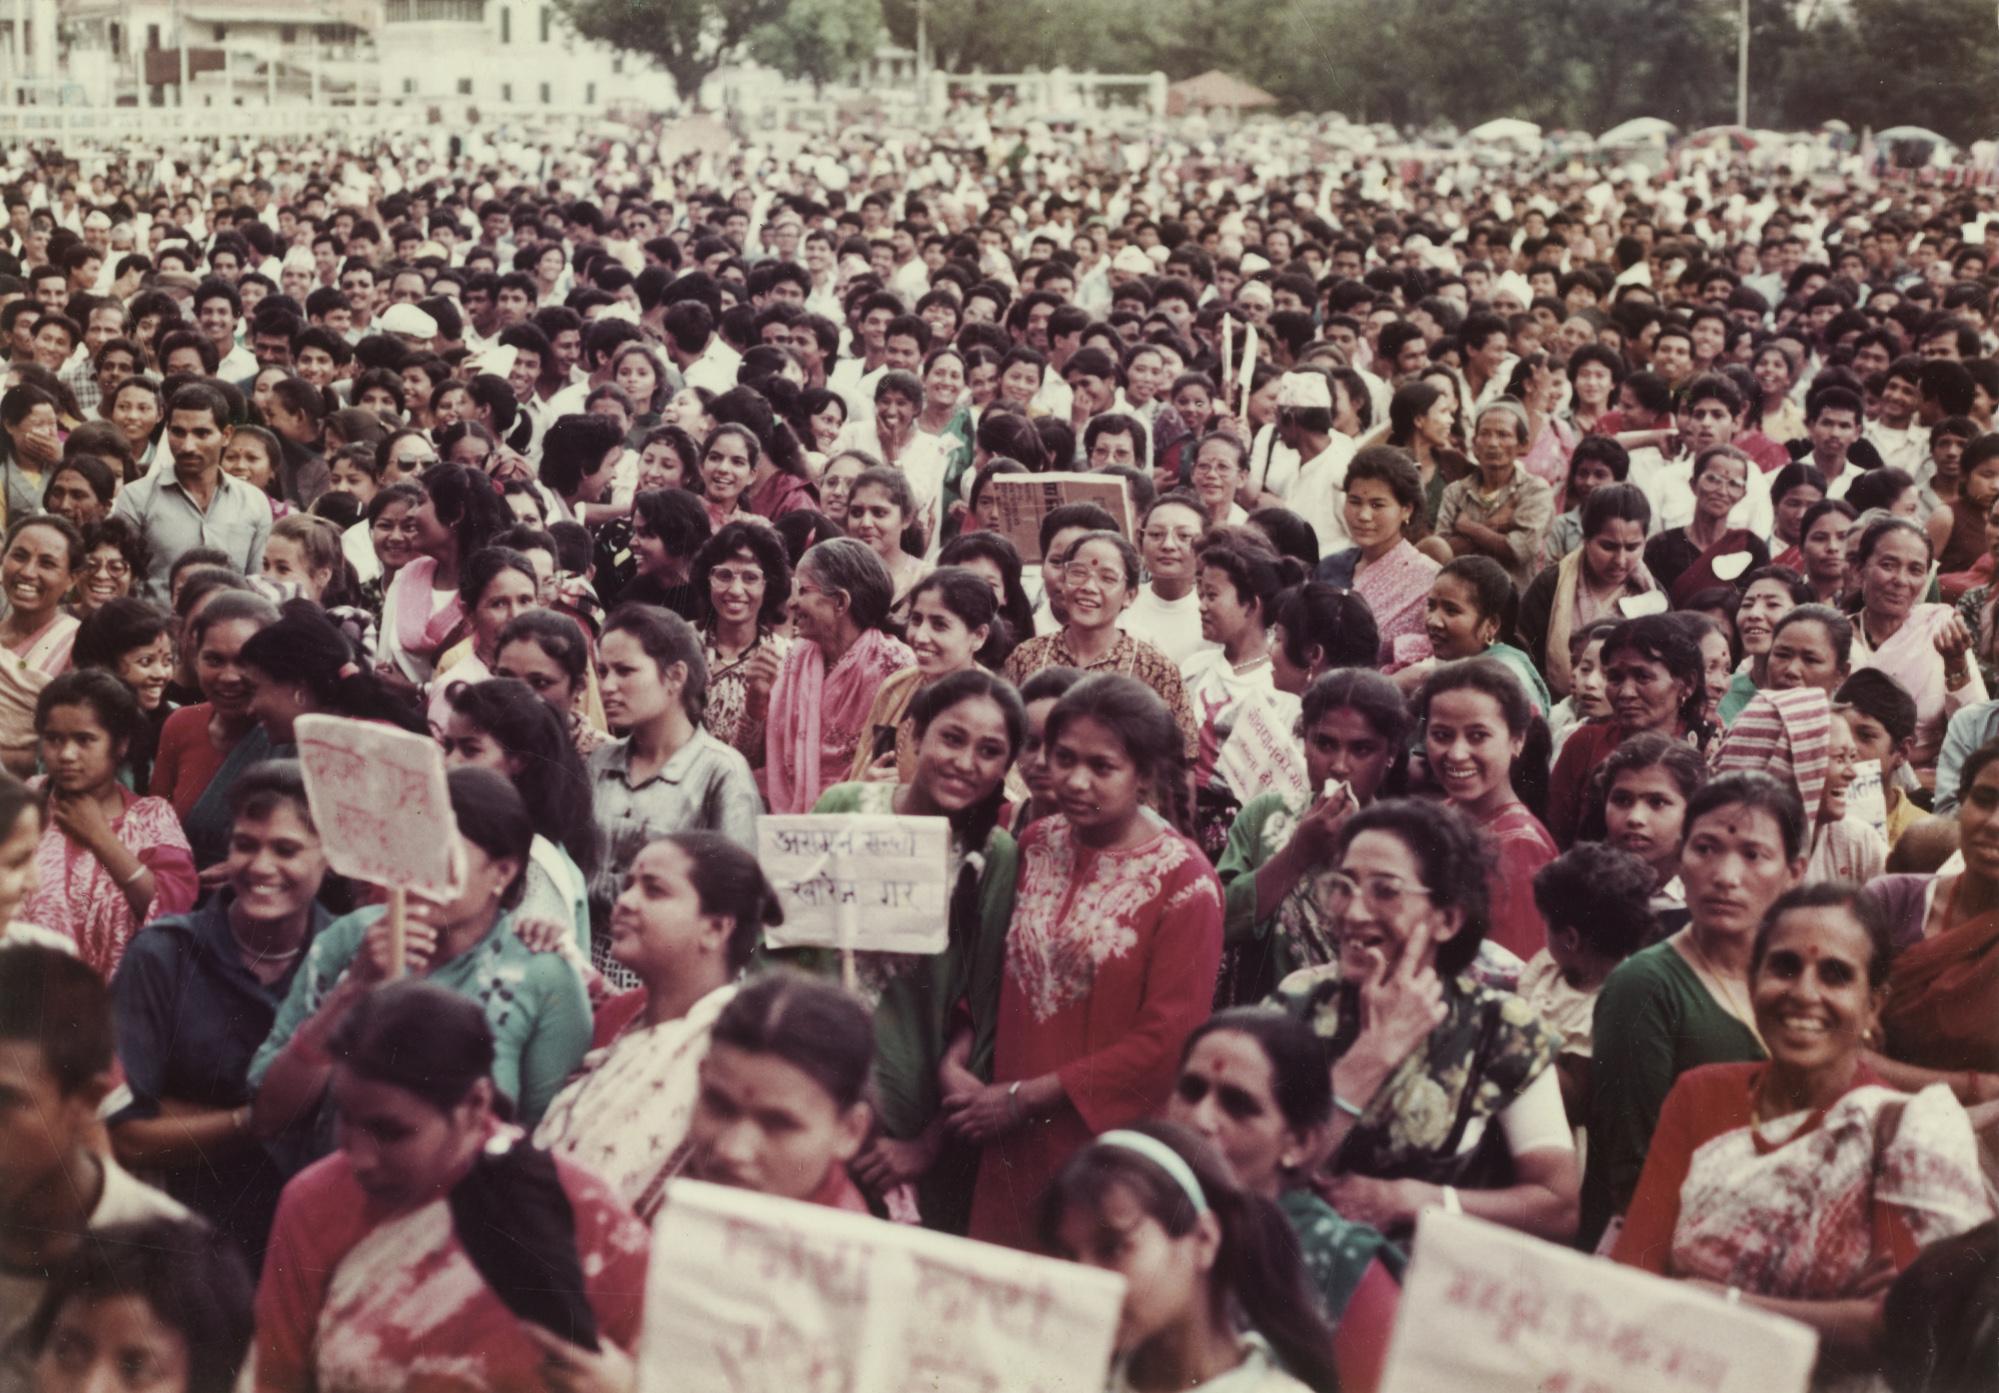 Displaying defiance - Himal Southasian